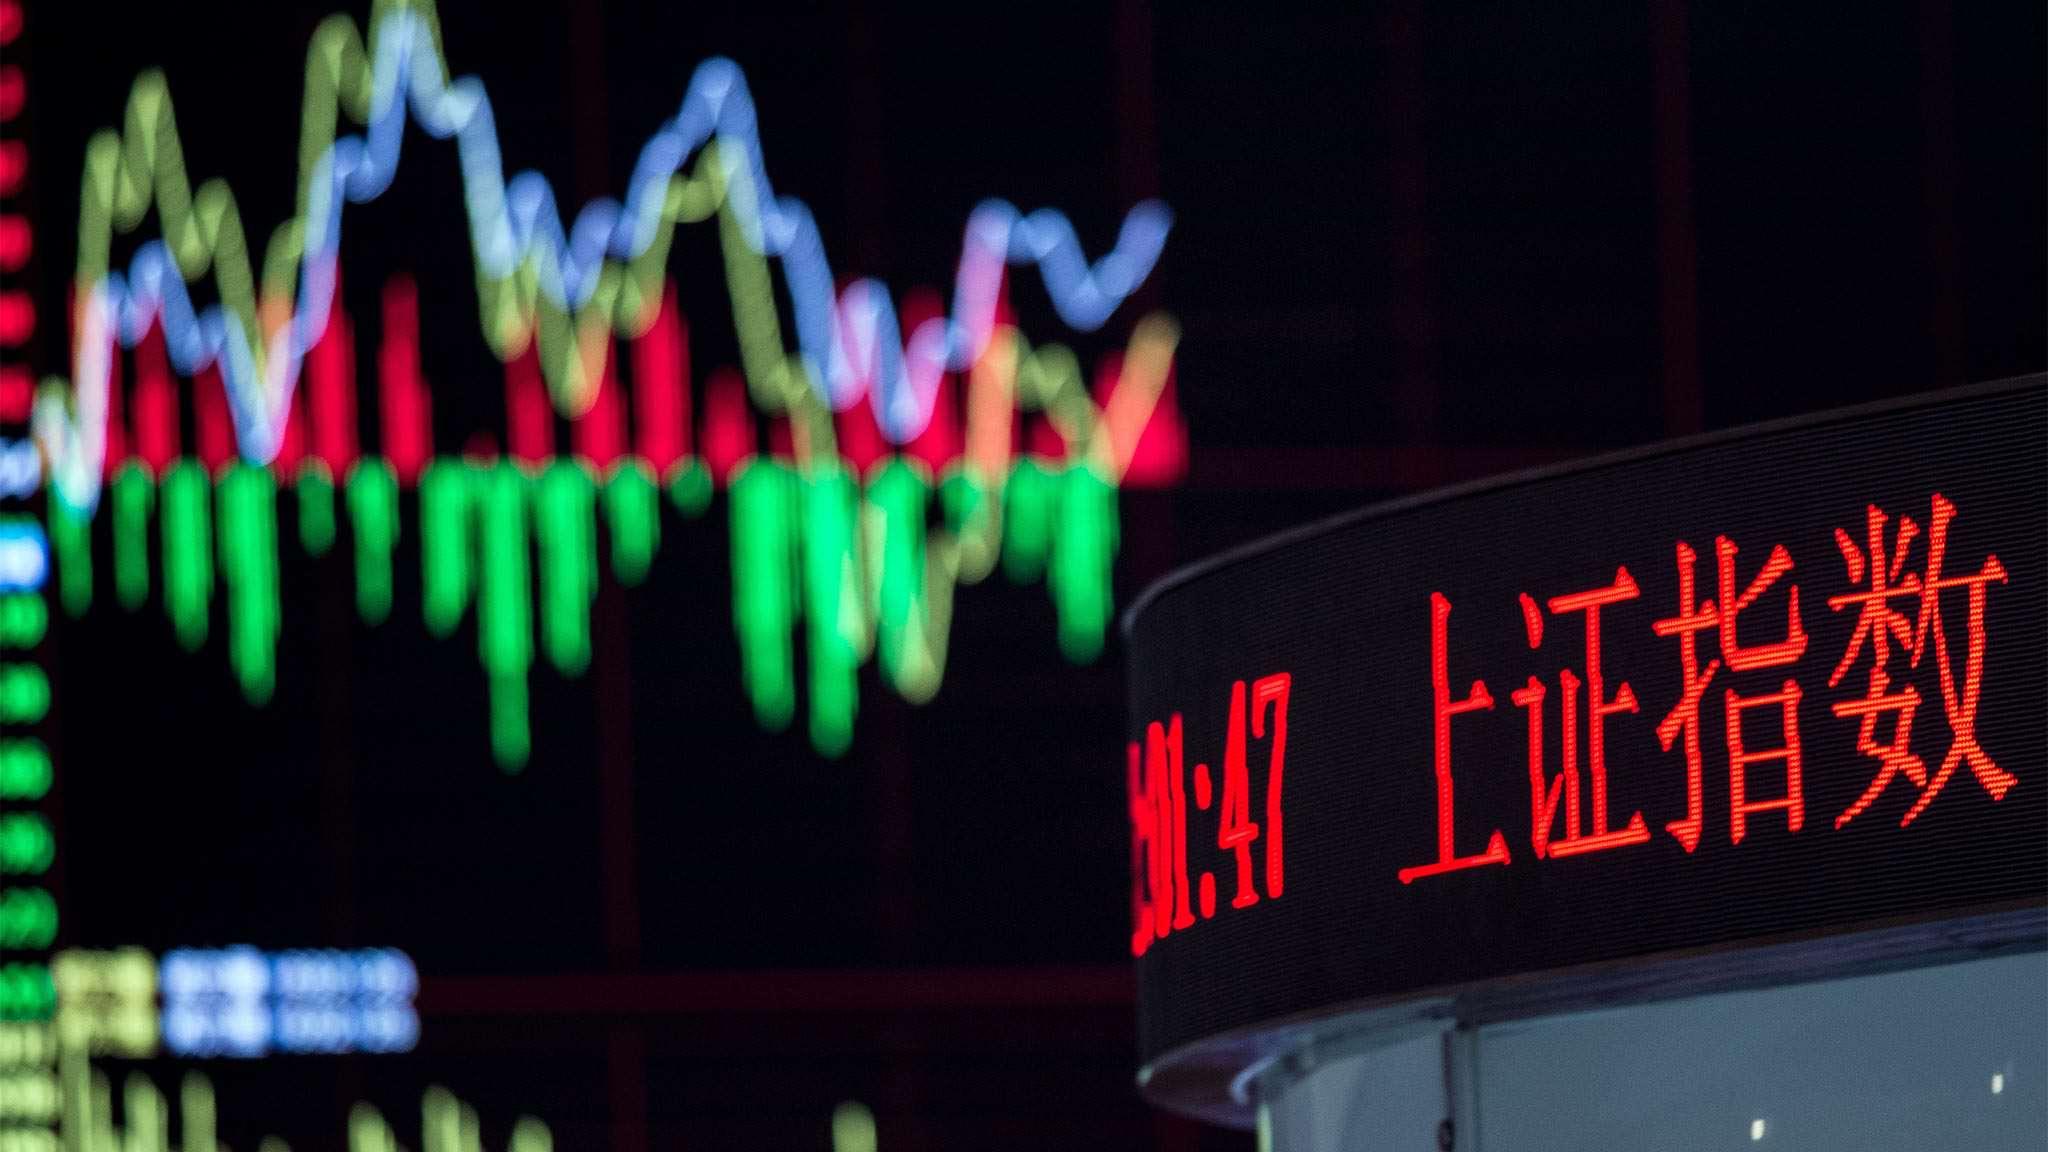 الخسائر تسيطر على الأسواق الصينية بعد ارتفاع المخاوف حول مستقبل الاستثمار